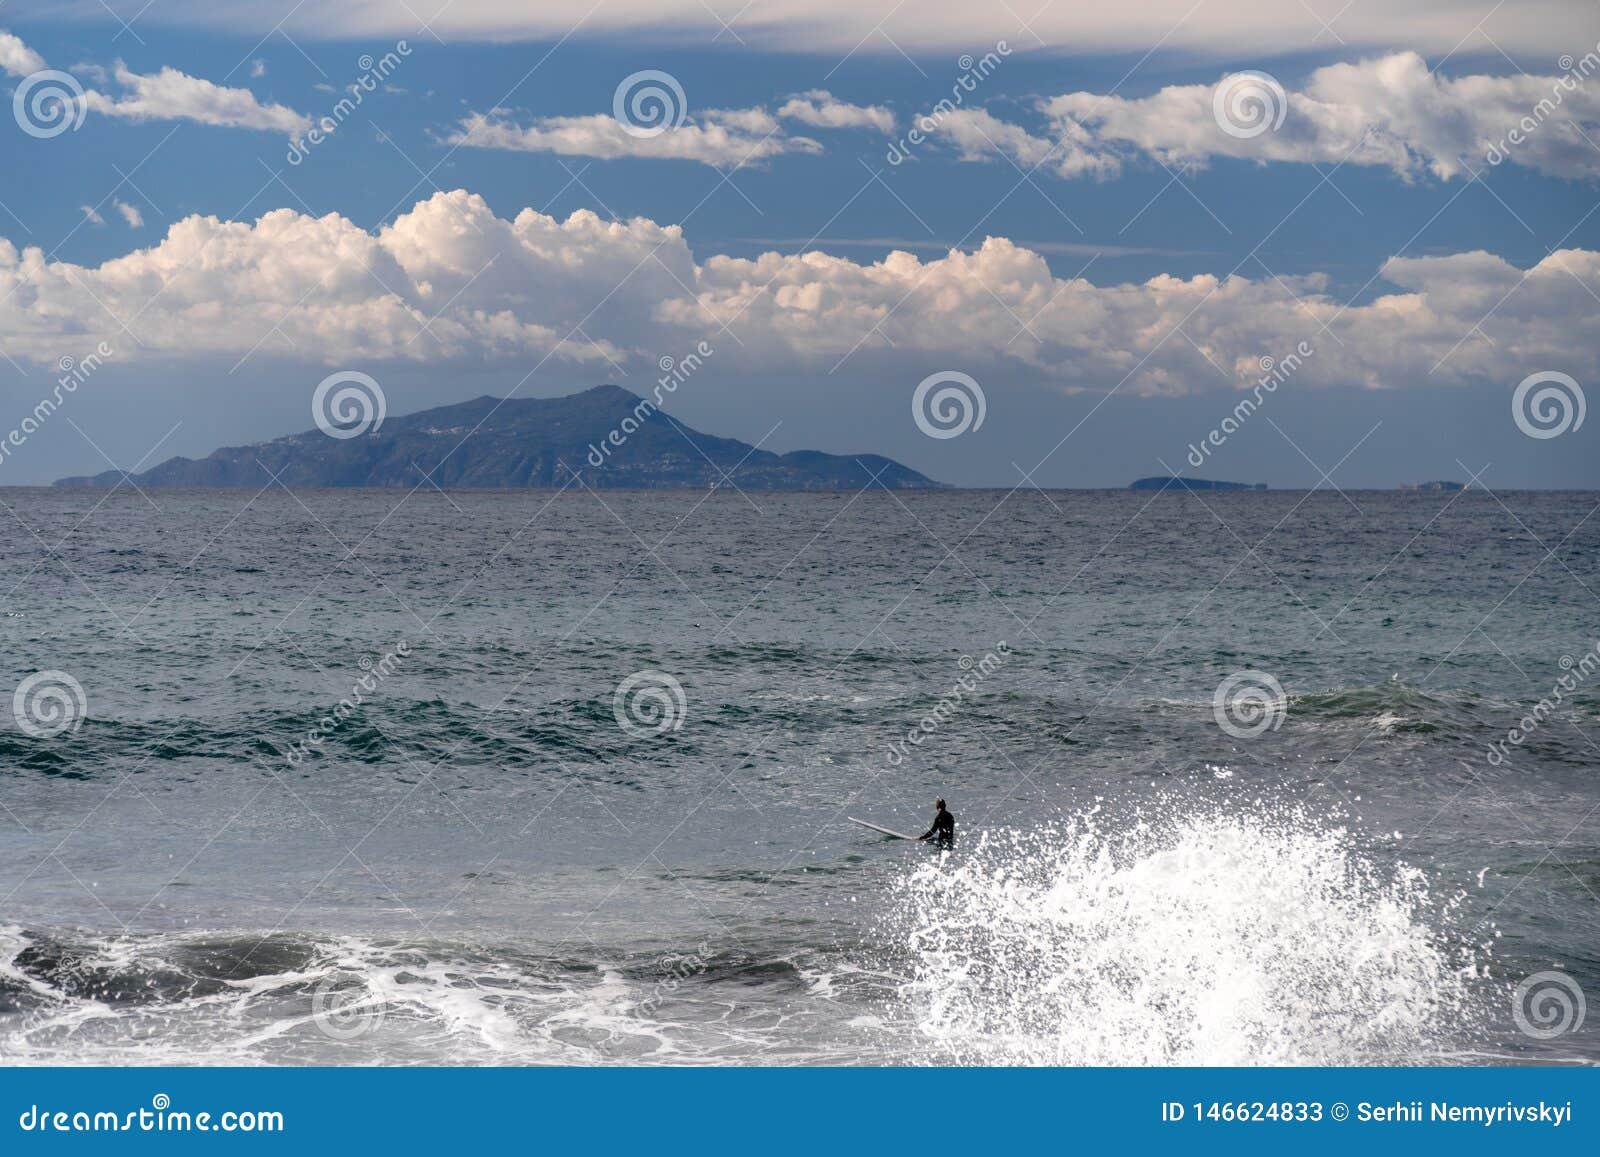 冲浪者采取波浪,在冲浪板,沿波浪的幻灯片,在山的背景中,索伦托意大利